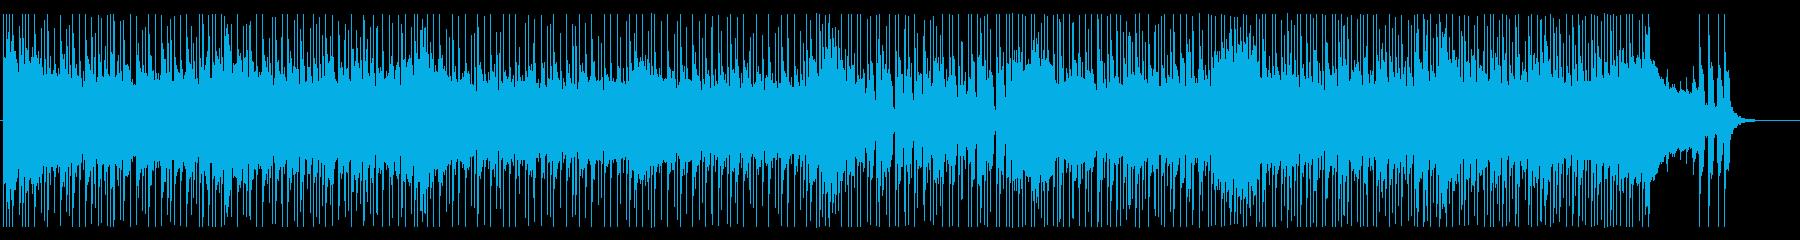 疾走感と攻撃的なメタルサウンドのBGMの再生済みの波形